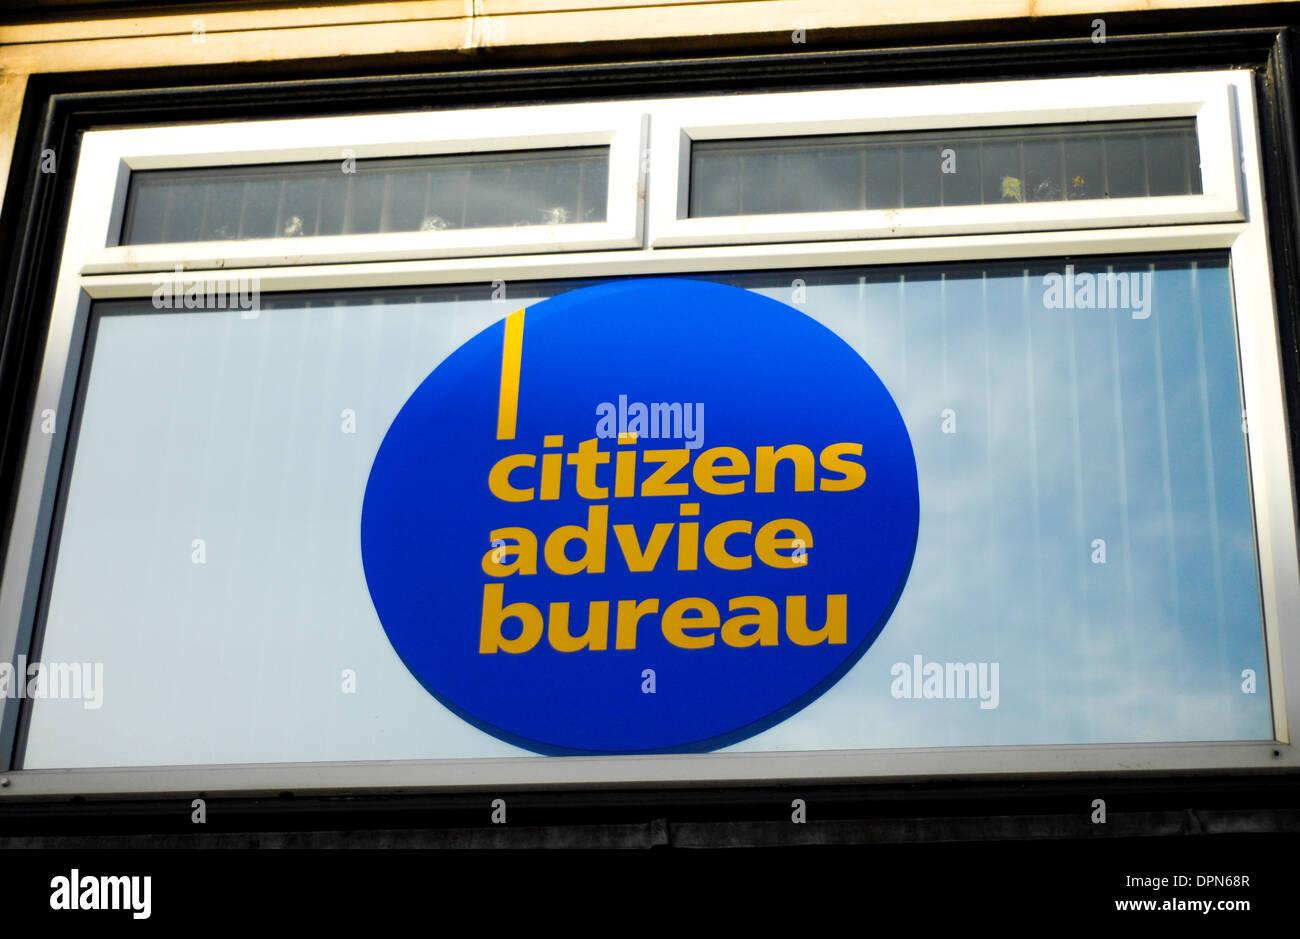 Citizens advice bureau - Stock Image